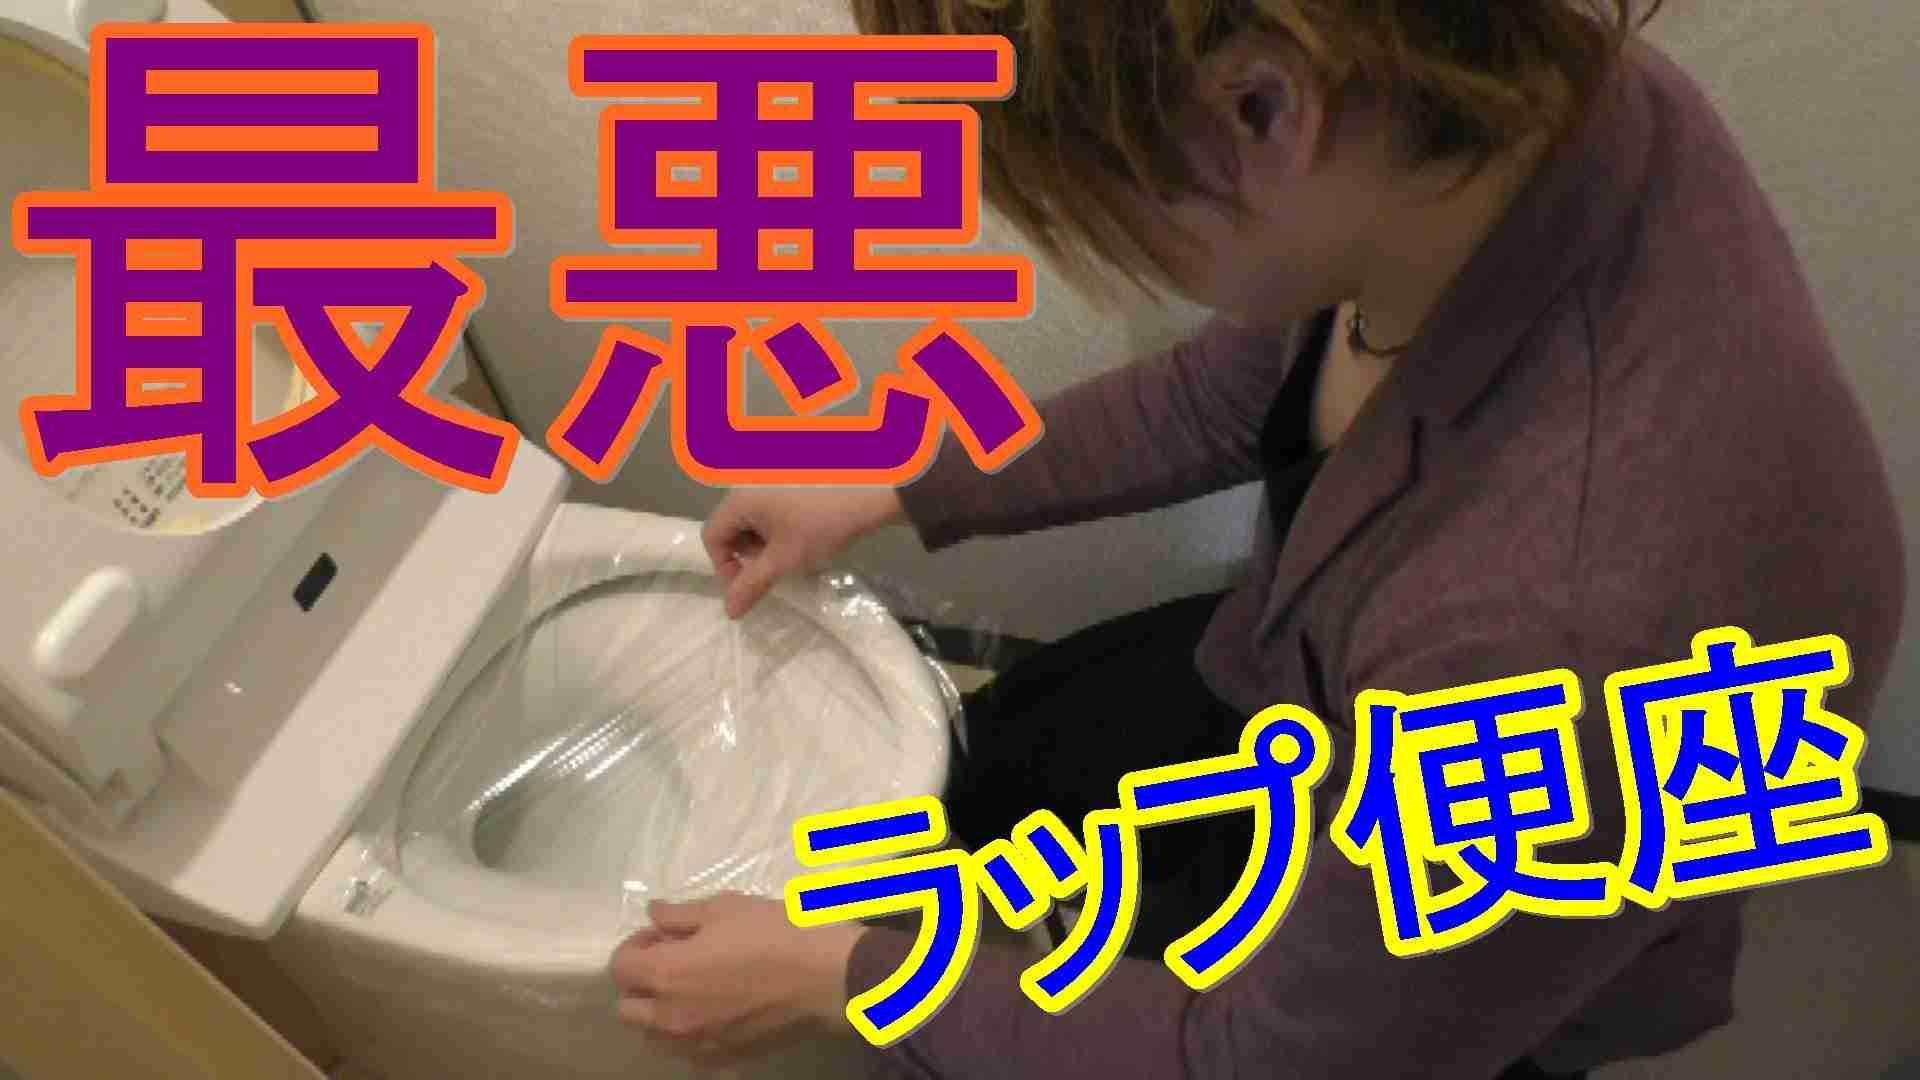 トイレの便座にラップドッキリ【ガチ閲覧注意】 - YouTube